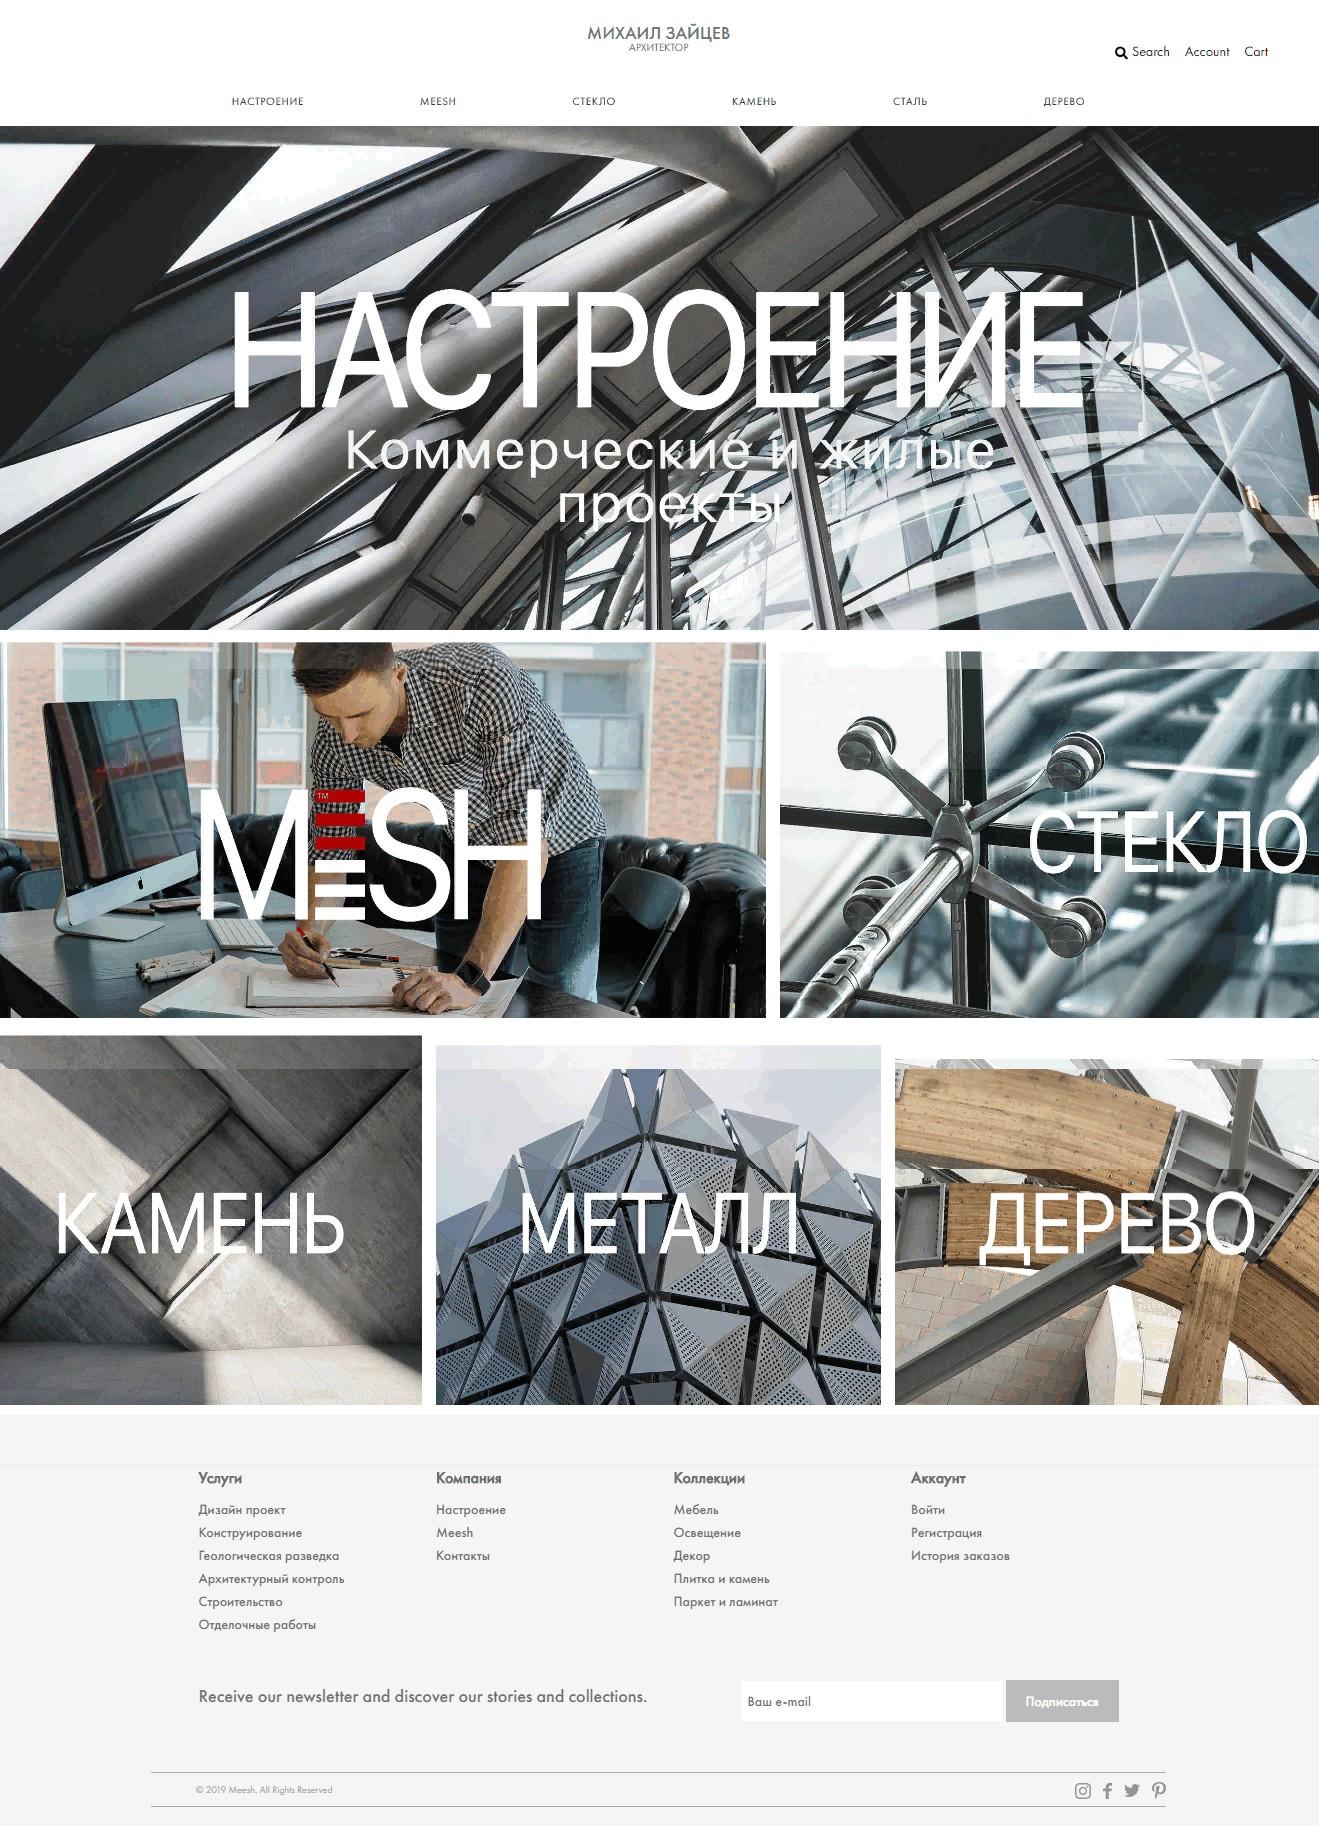 Архитектор Михаил Зайцев